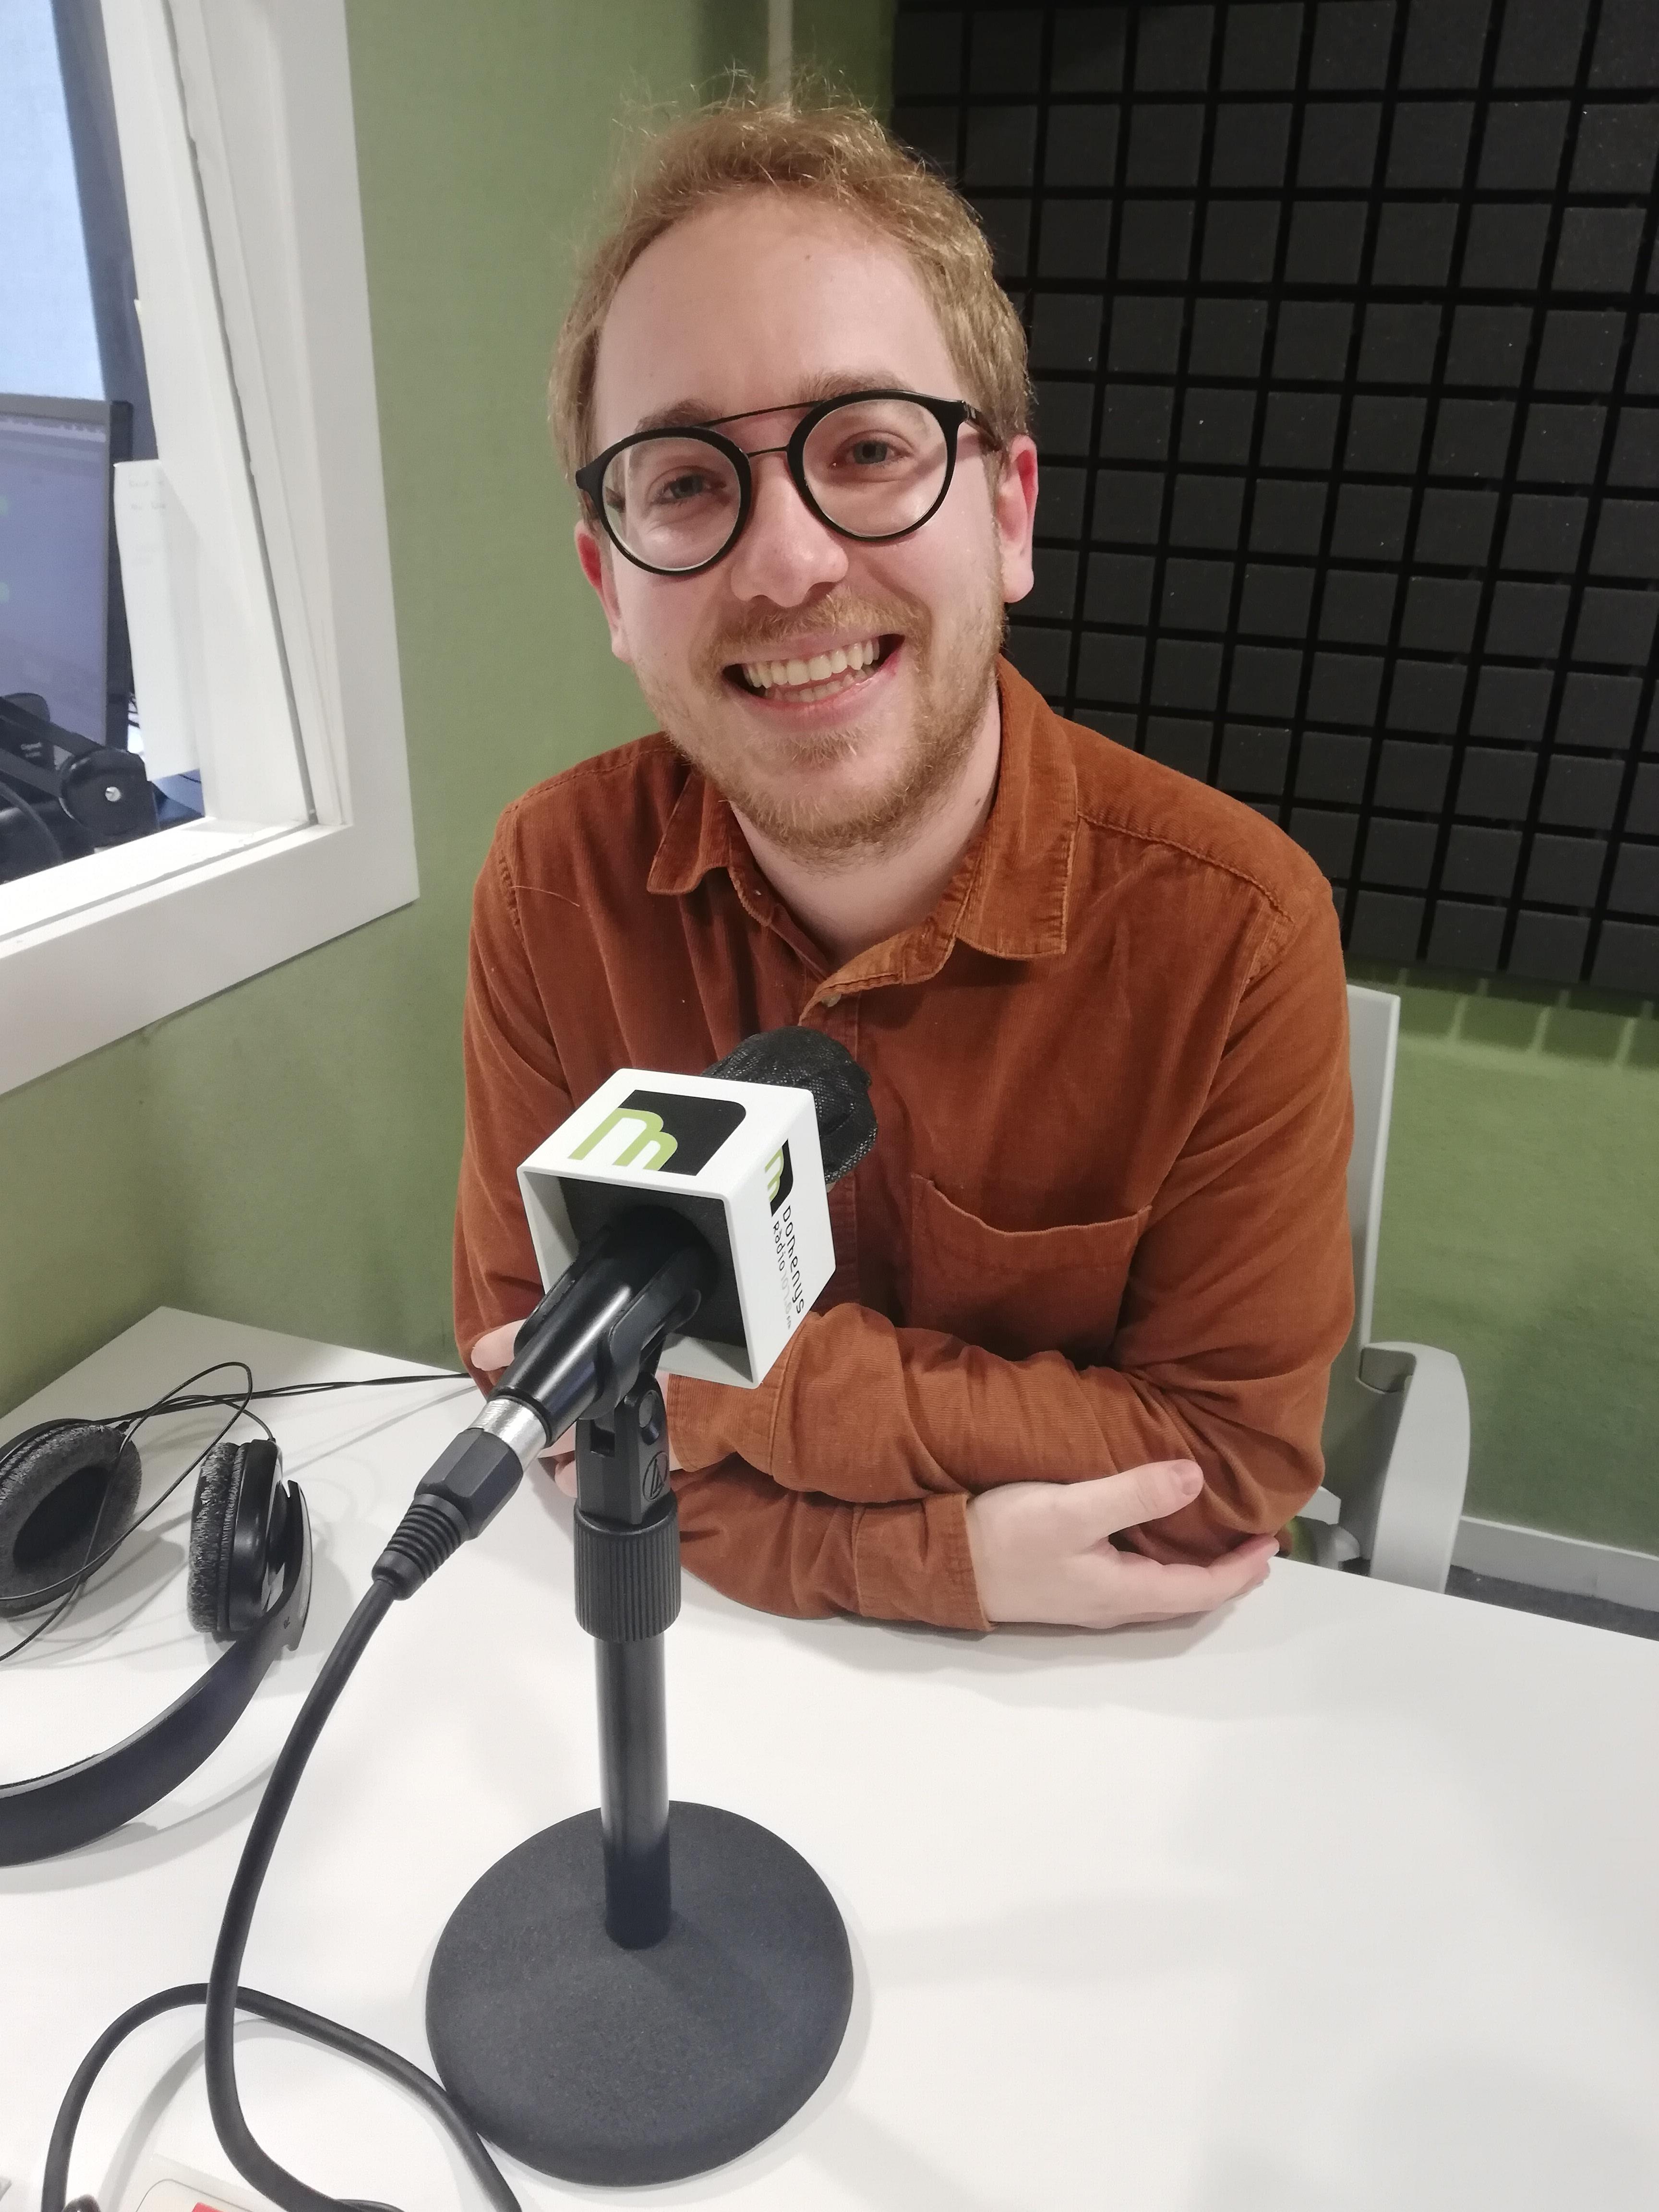 Jordi Ferran ofereix una secció mensual sobre la història local i comarcal a Domenys Ràdio